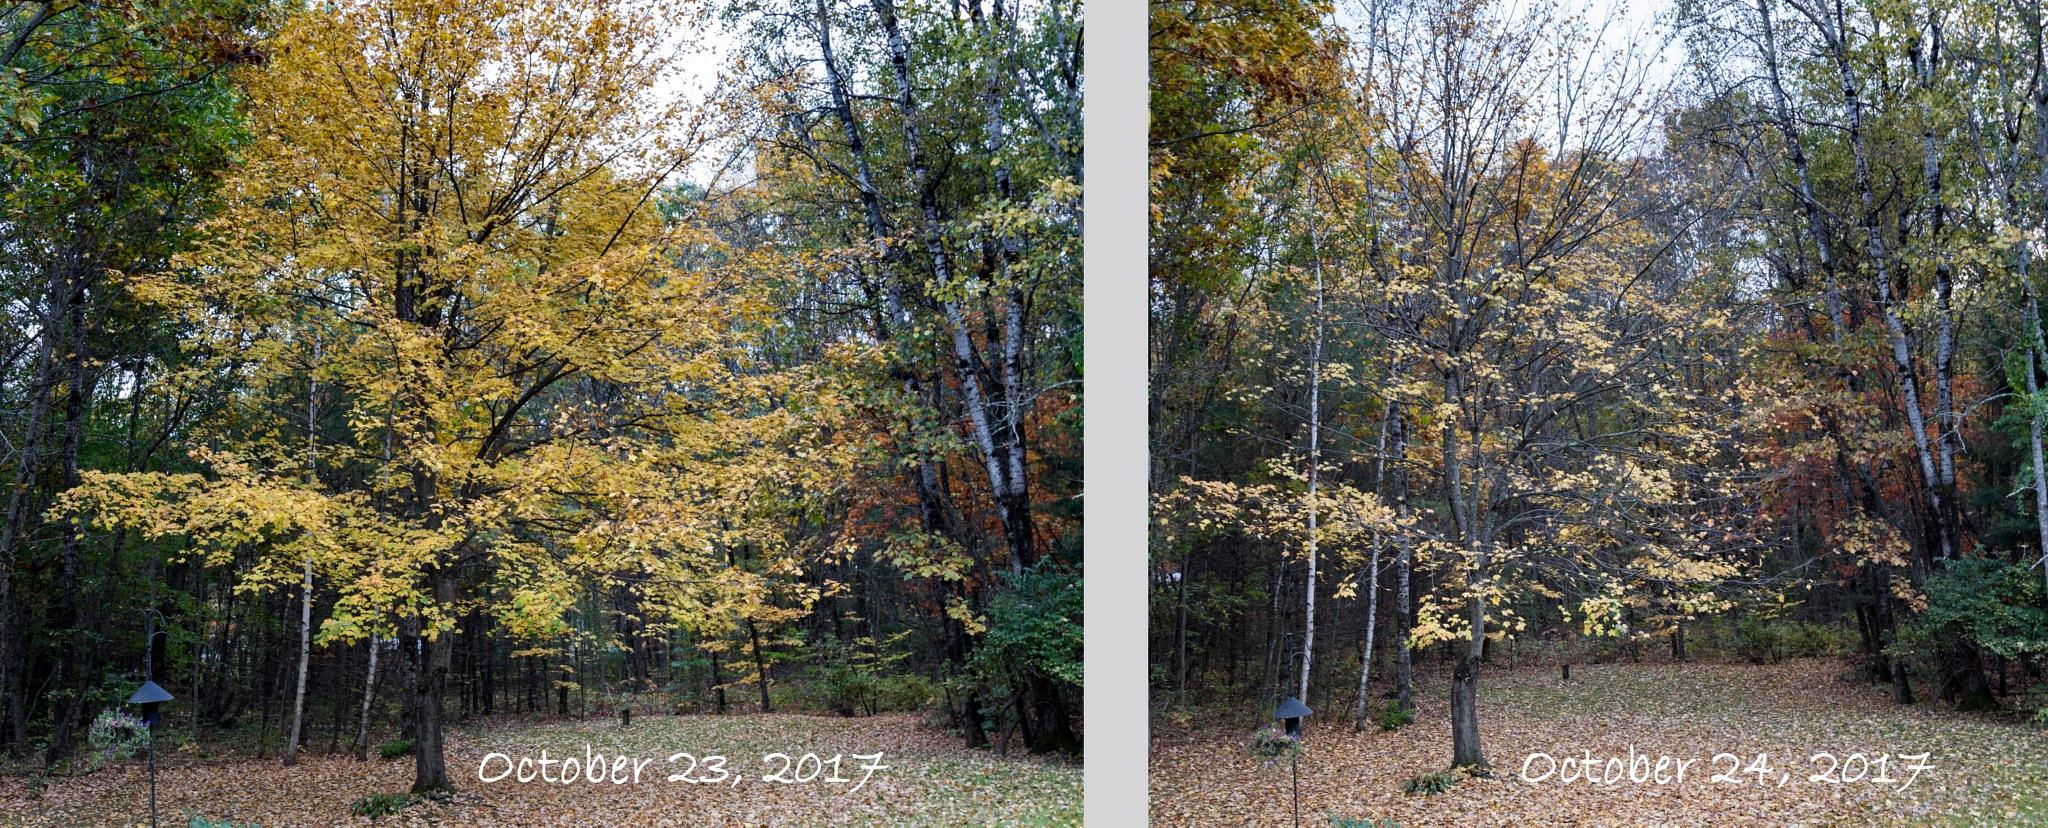 One Autumn Day by Daniel Buchbinder